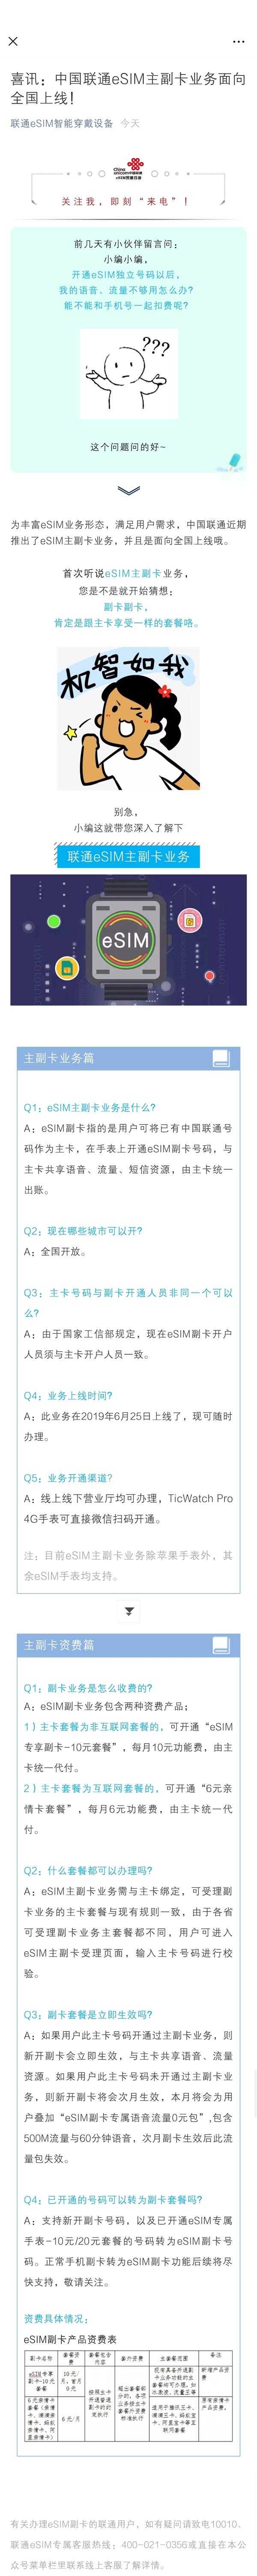 官宣:中国联通eSIM主副卡业务上线